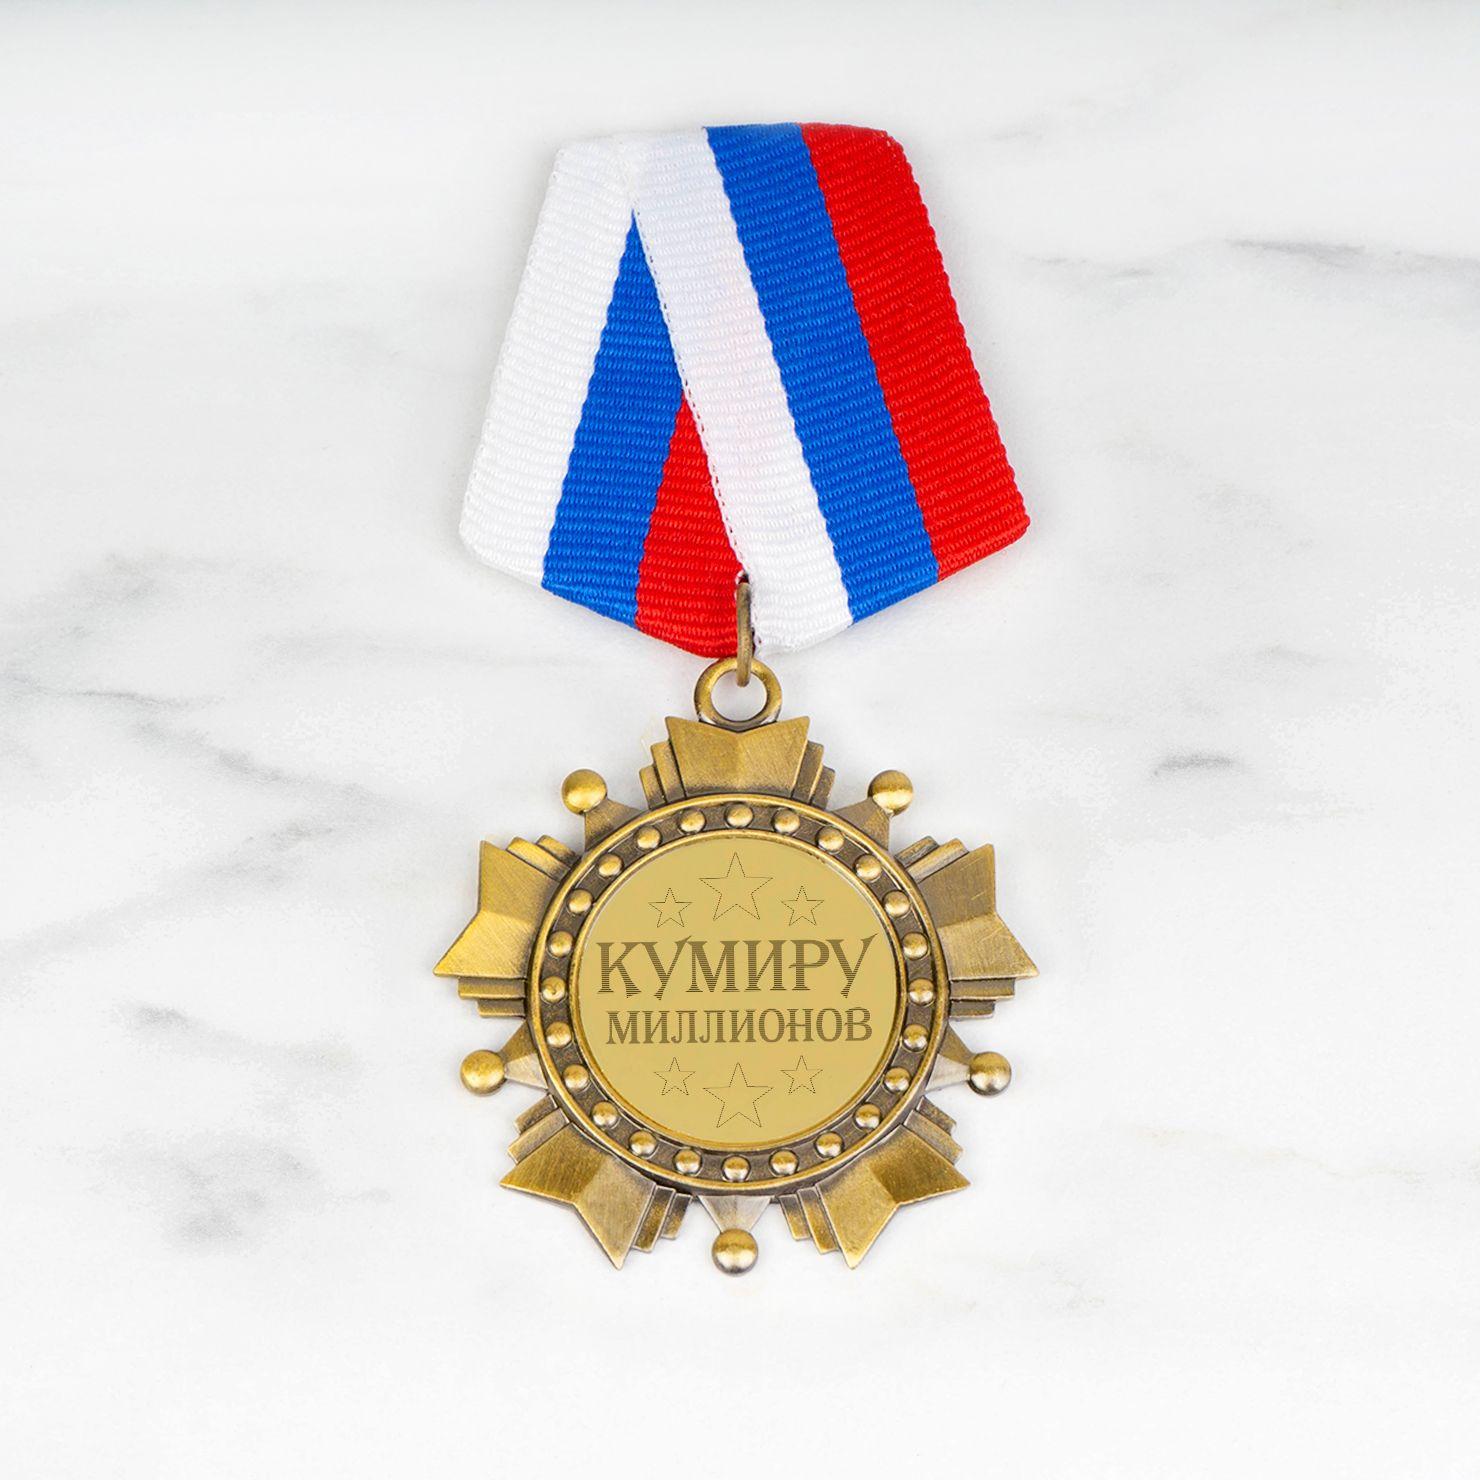 Орден *Кумиру миллионов*